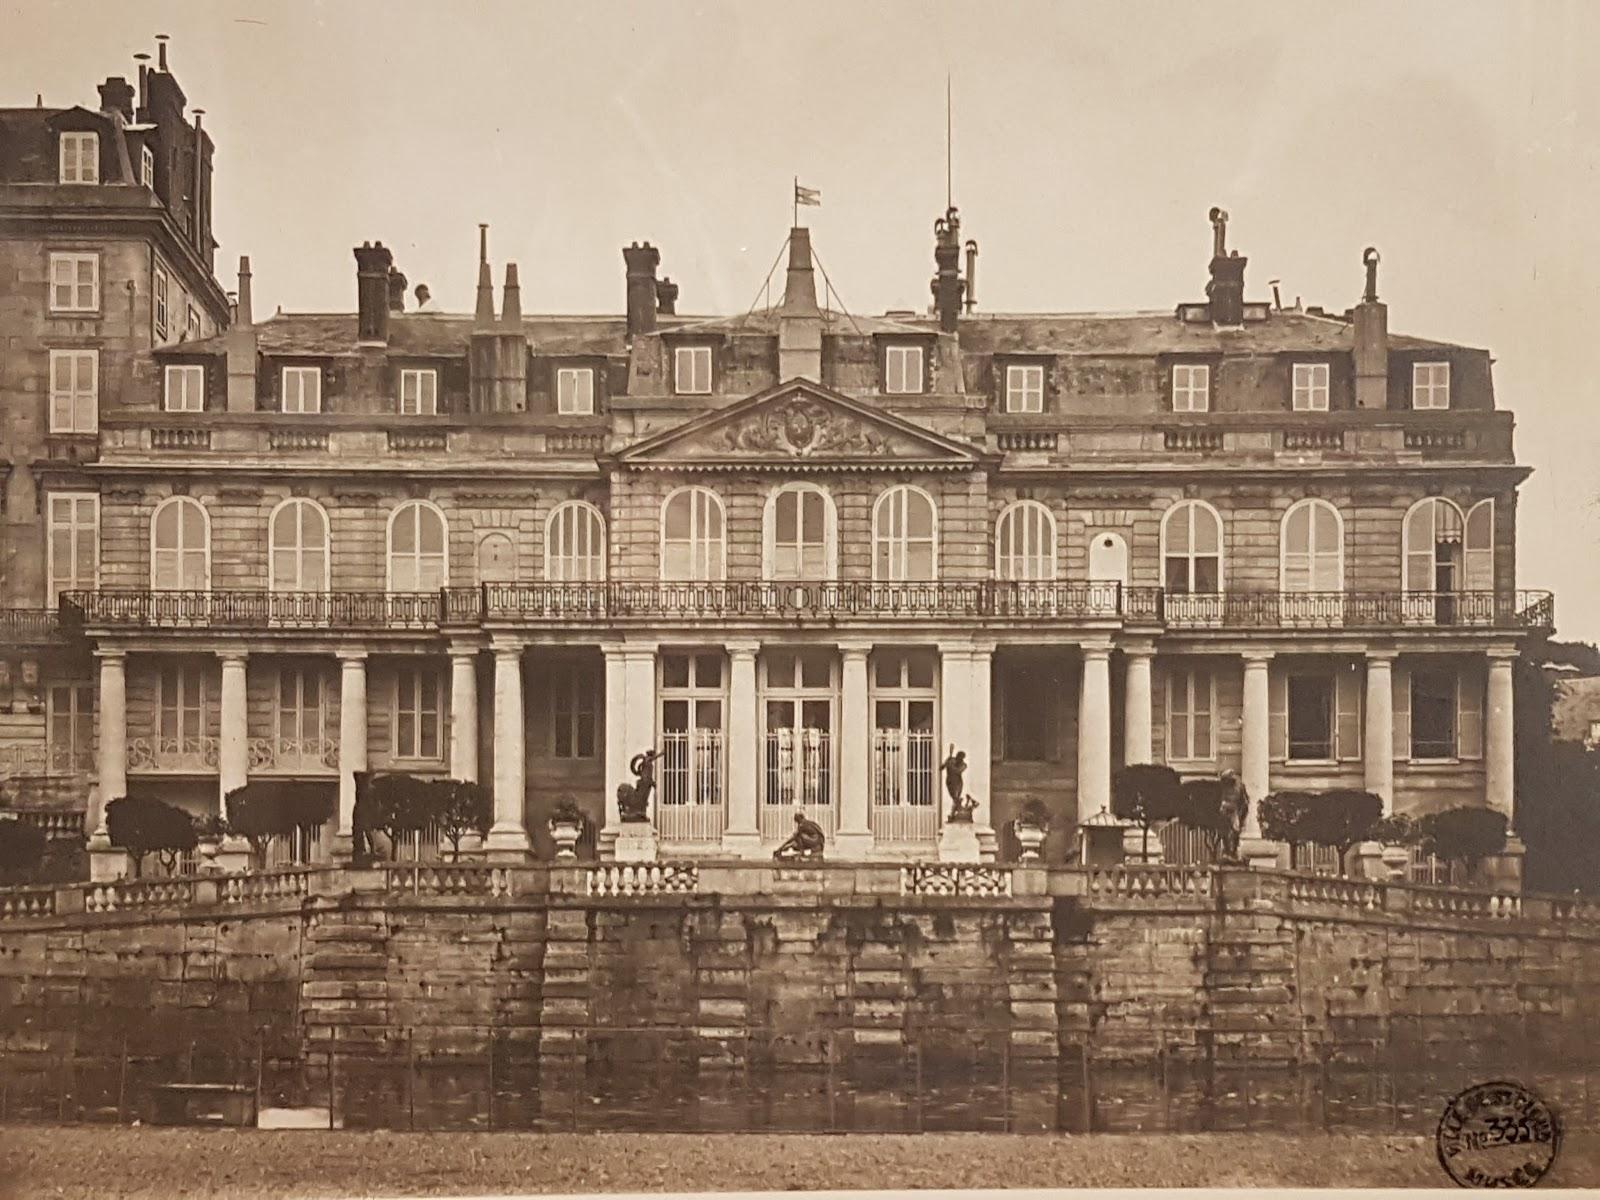 Les derniers feux du palais de Saint-Cloud   Visites Les Paris DLD :  Visites à Paris, Livres, Expositions